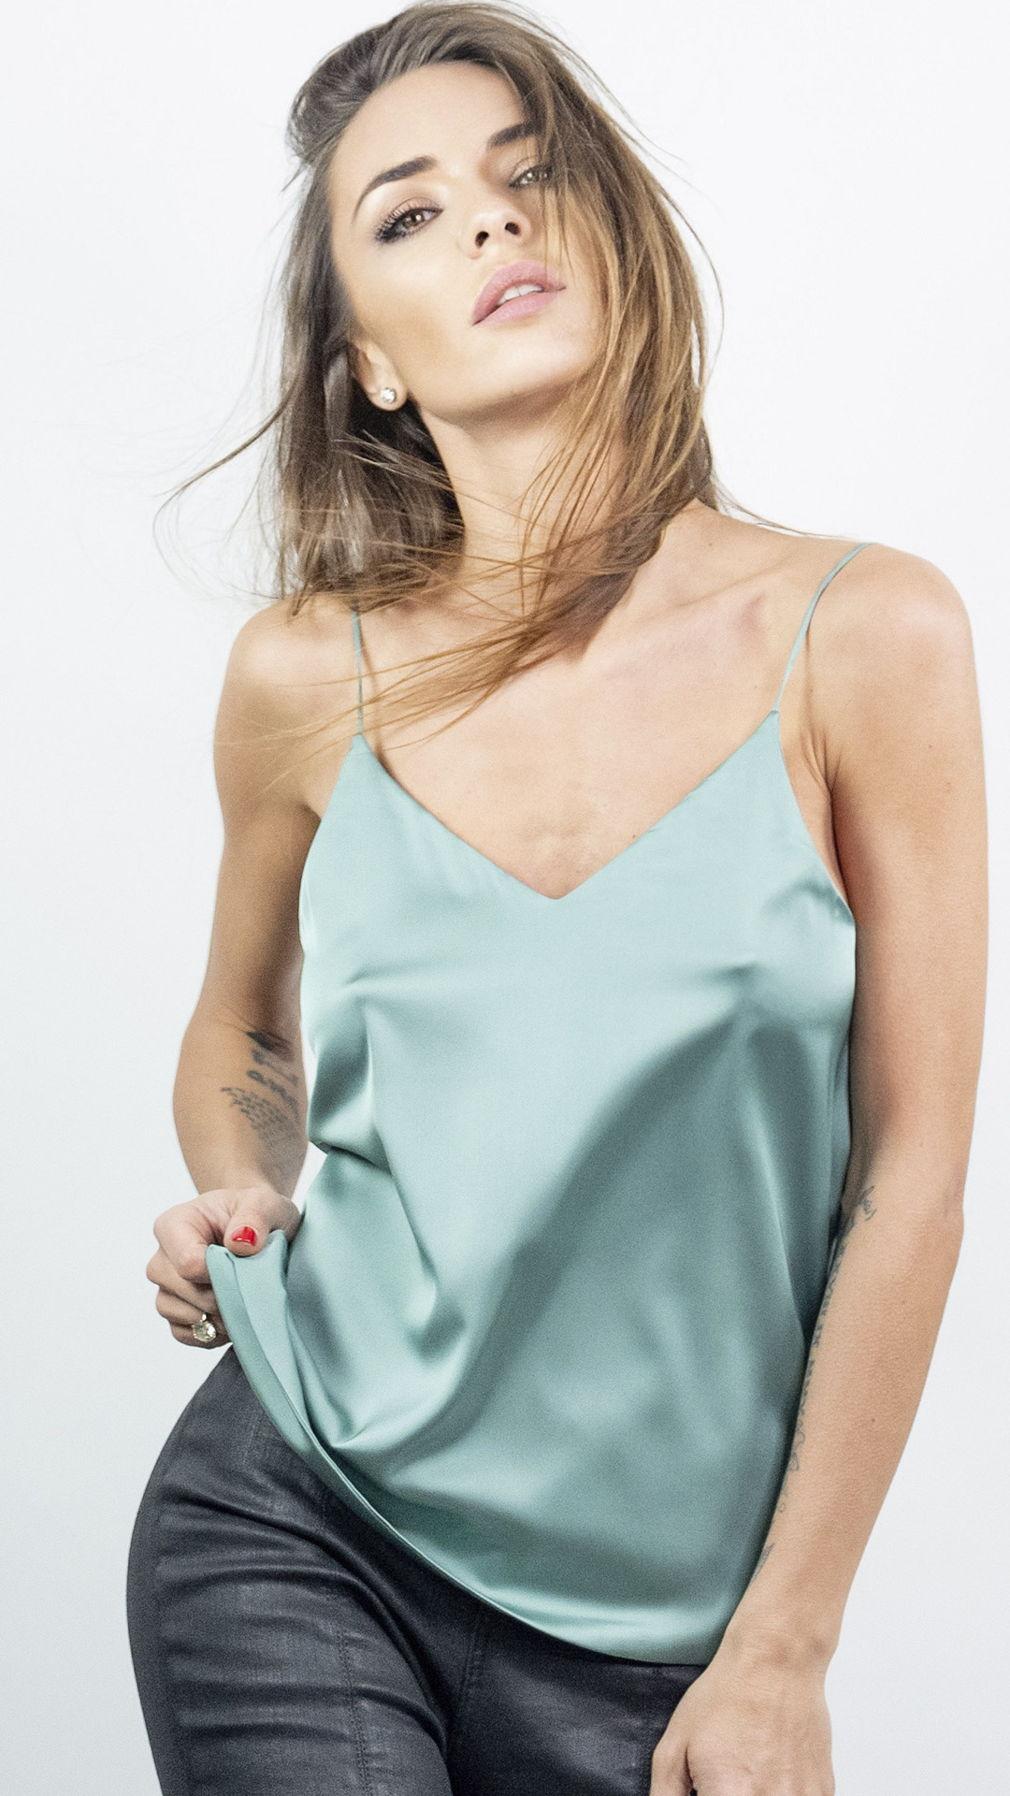 Naked Tiffany Top